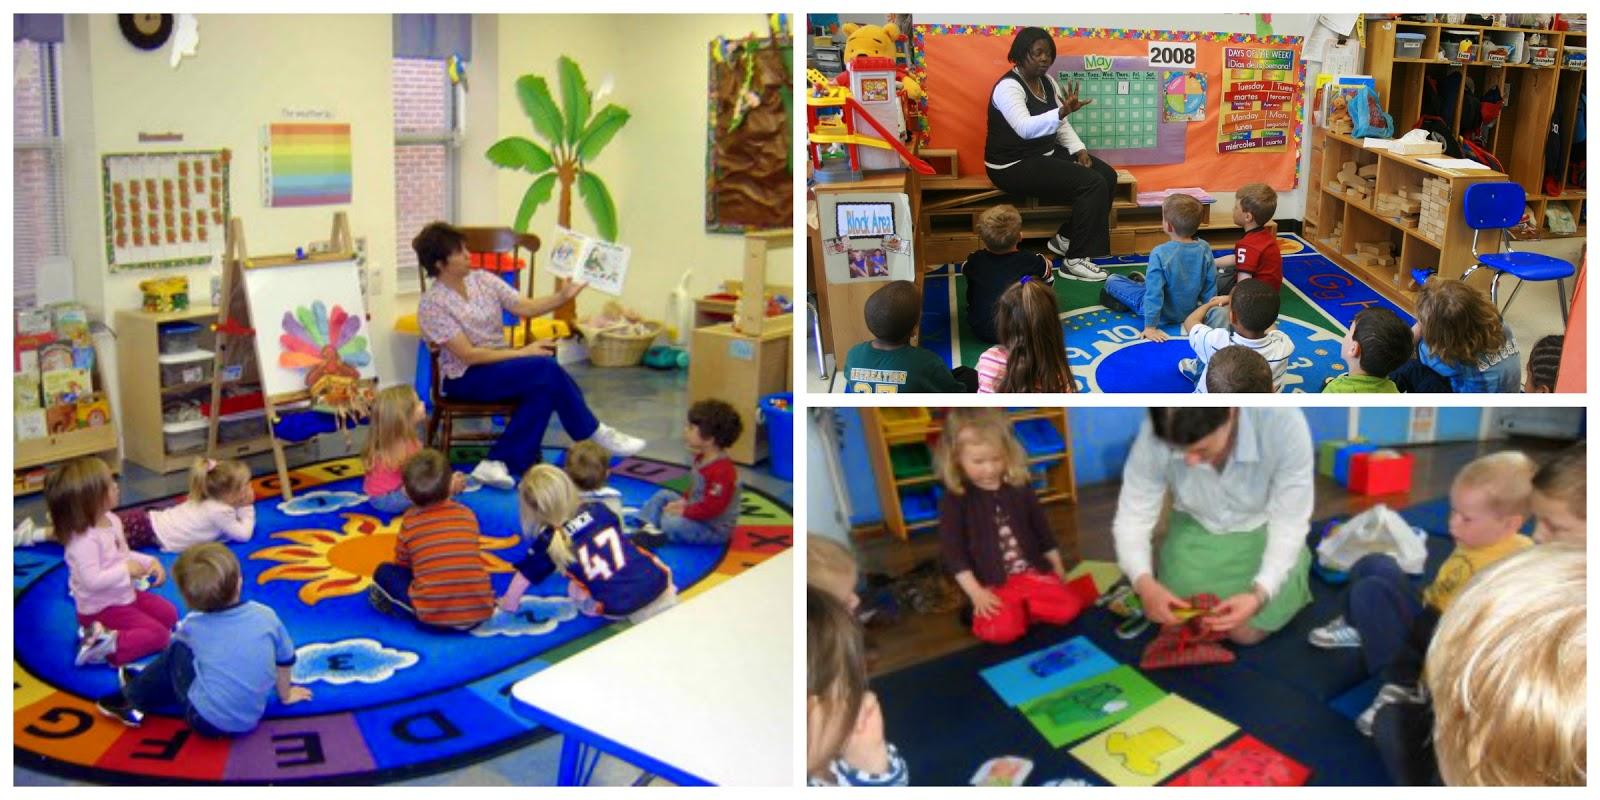 La educaci n infantil en inglaterra - Mesas para ninos pequenos ...